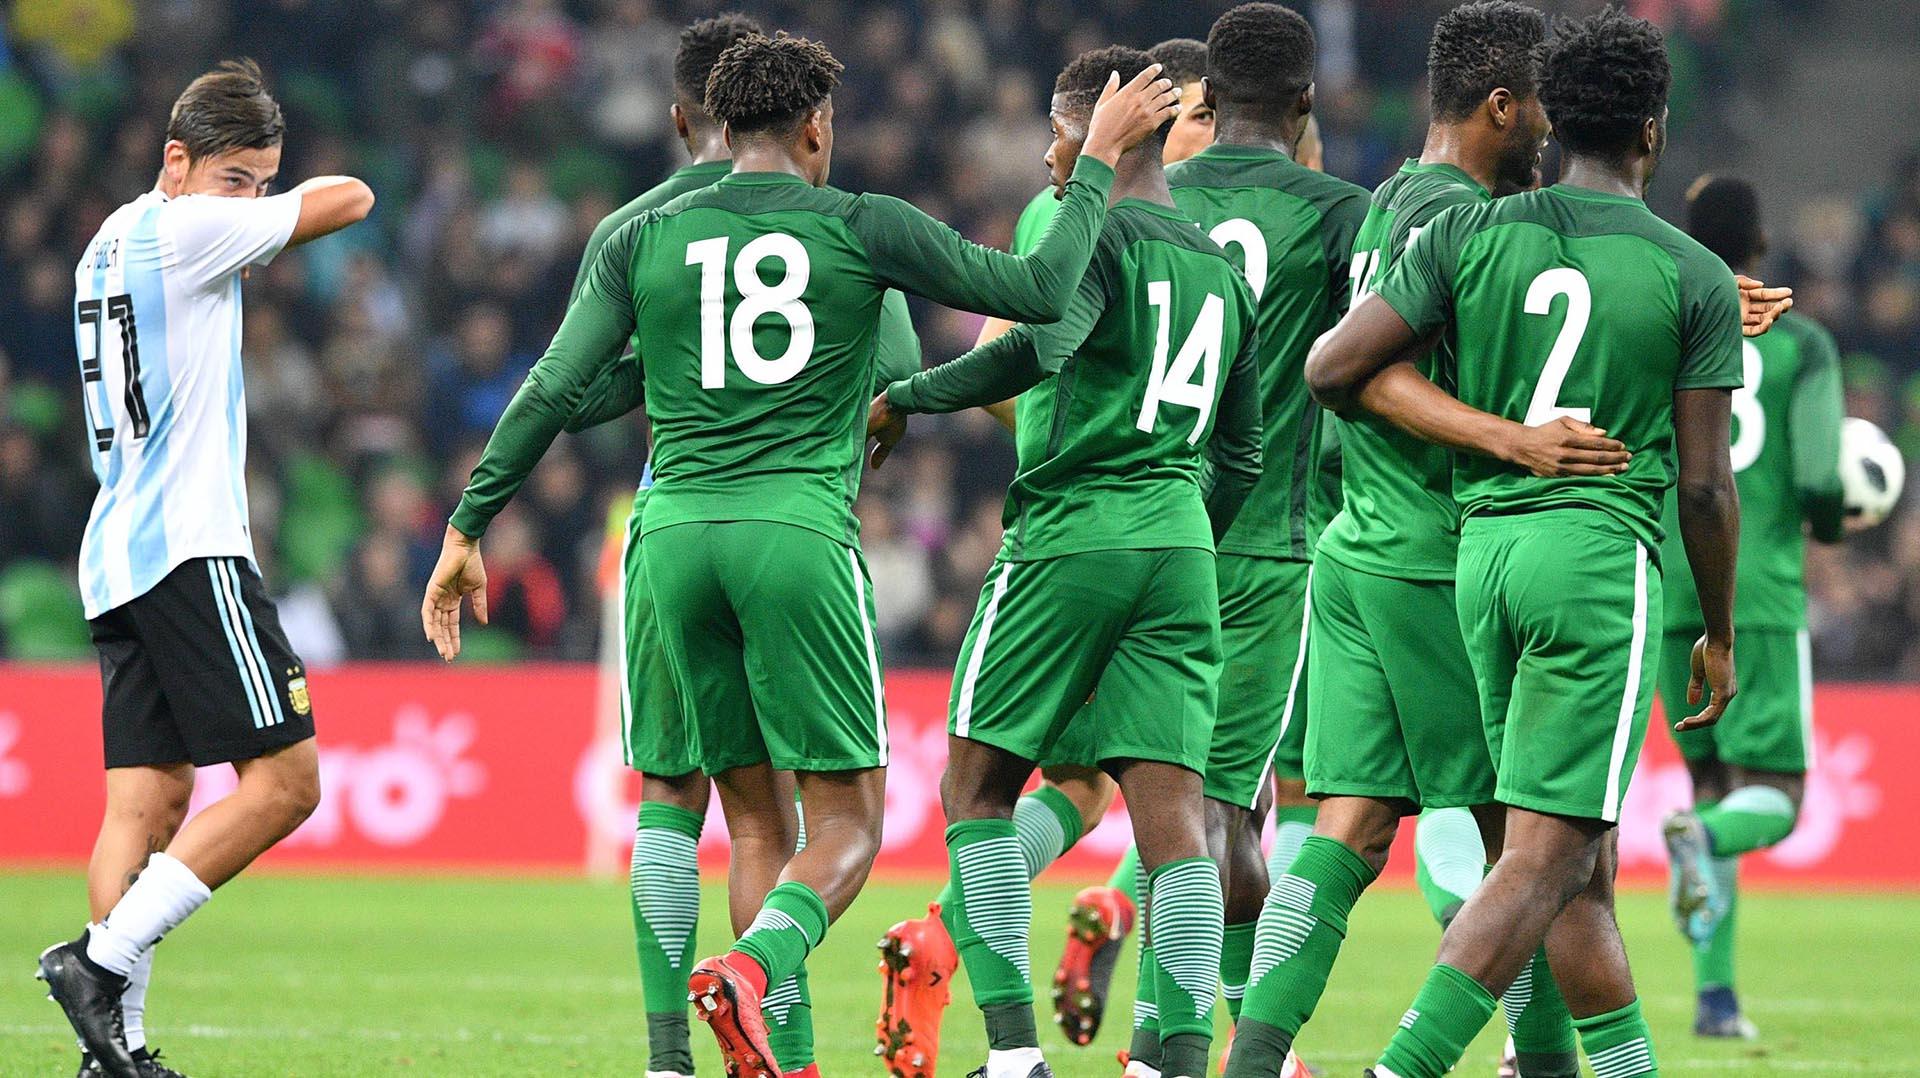 Argentina estuvo en ventaja por dos goles, pero Nigeria torció la historia y se impuso 4-2